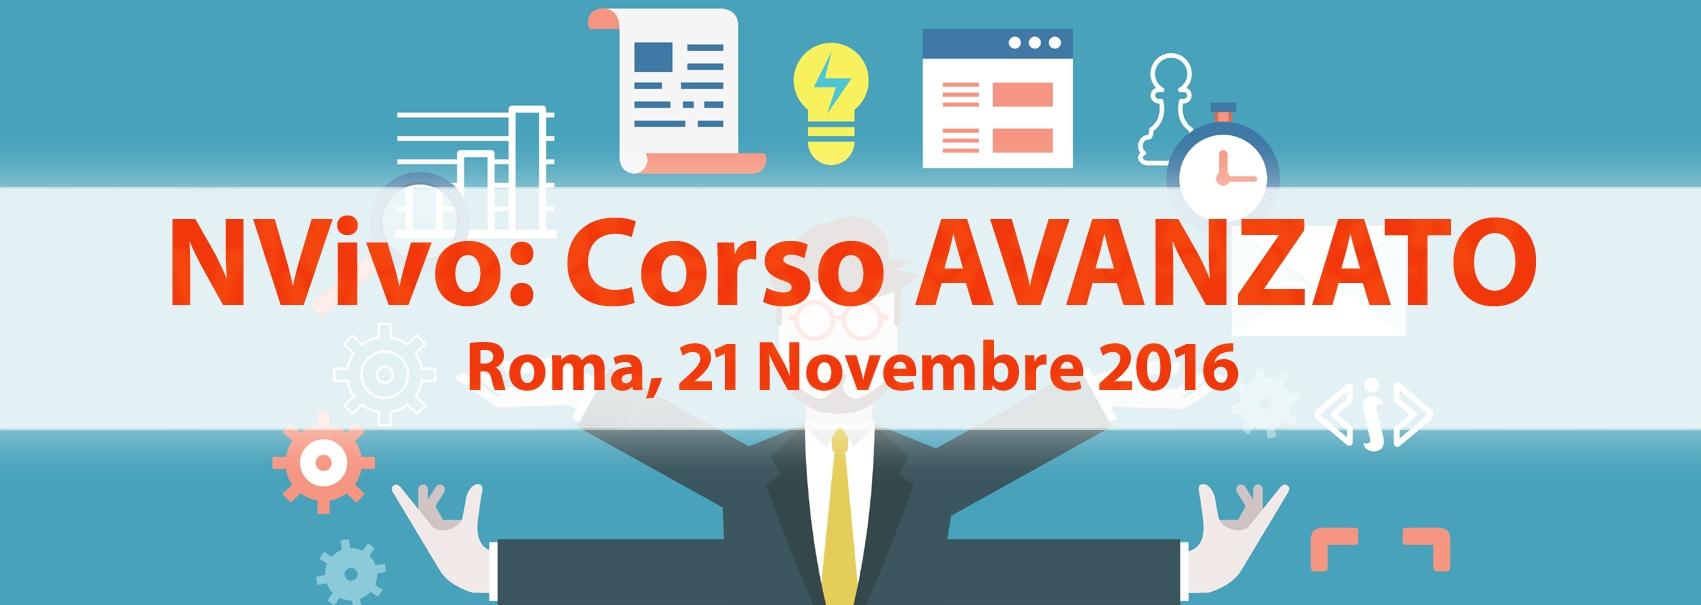 NVivo-corso-avanzato-Roma_11-copia NVivo - Corso Avanzato, Roma - 21 Novembre 2016